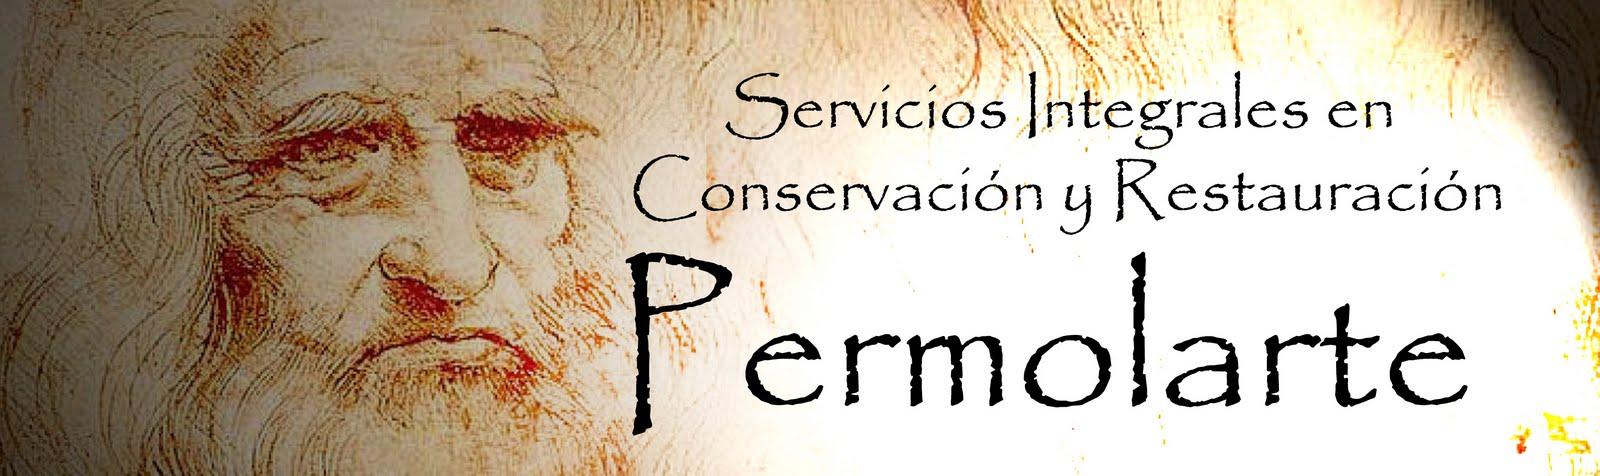 PERMOLARTE   (Conservación - Restauración)